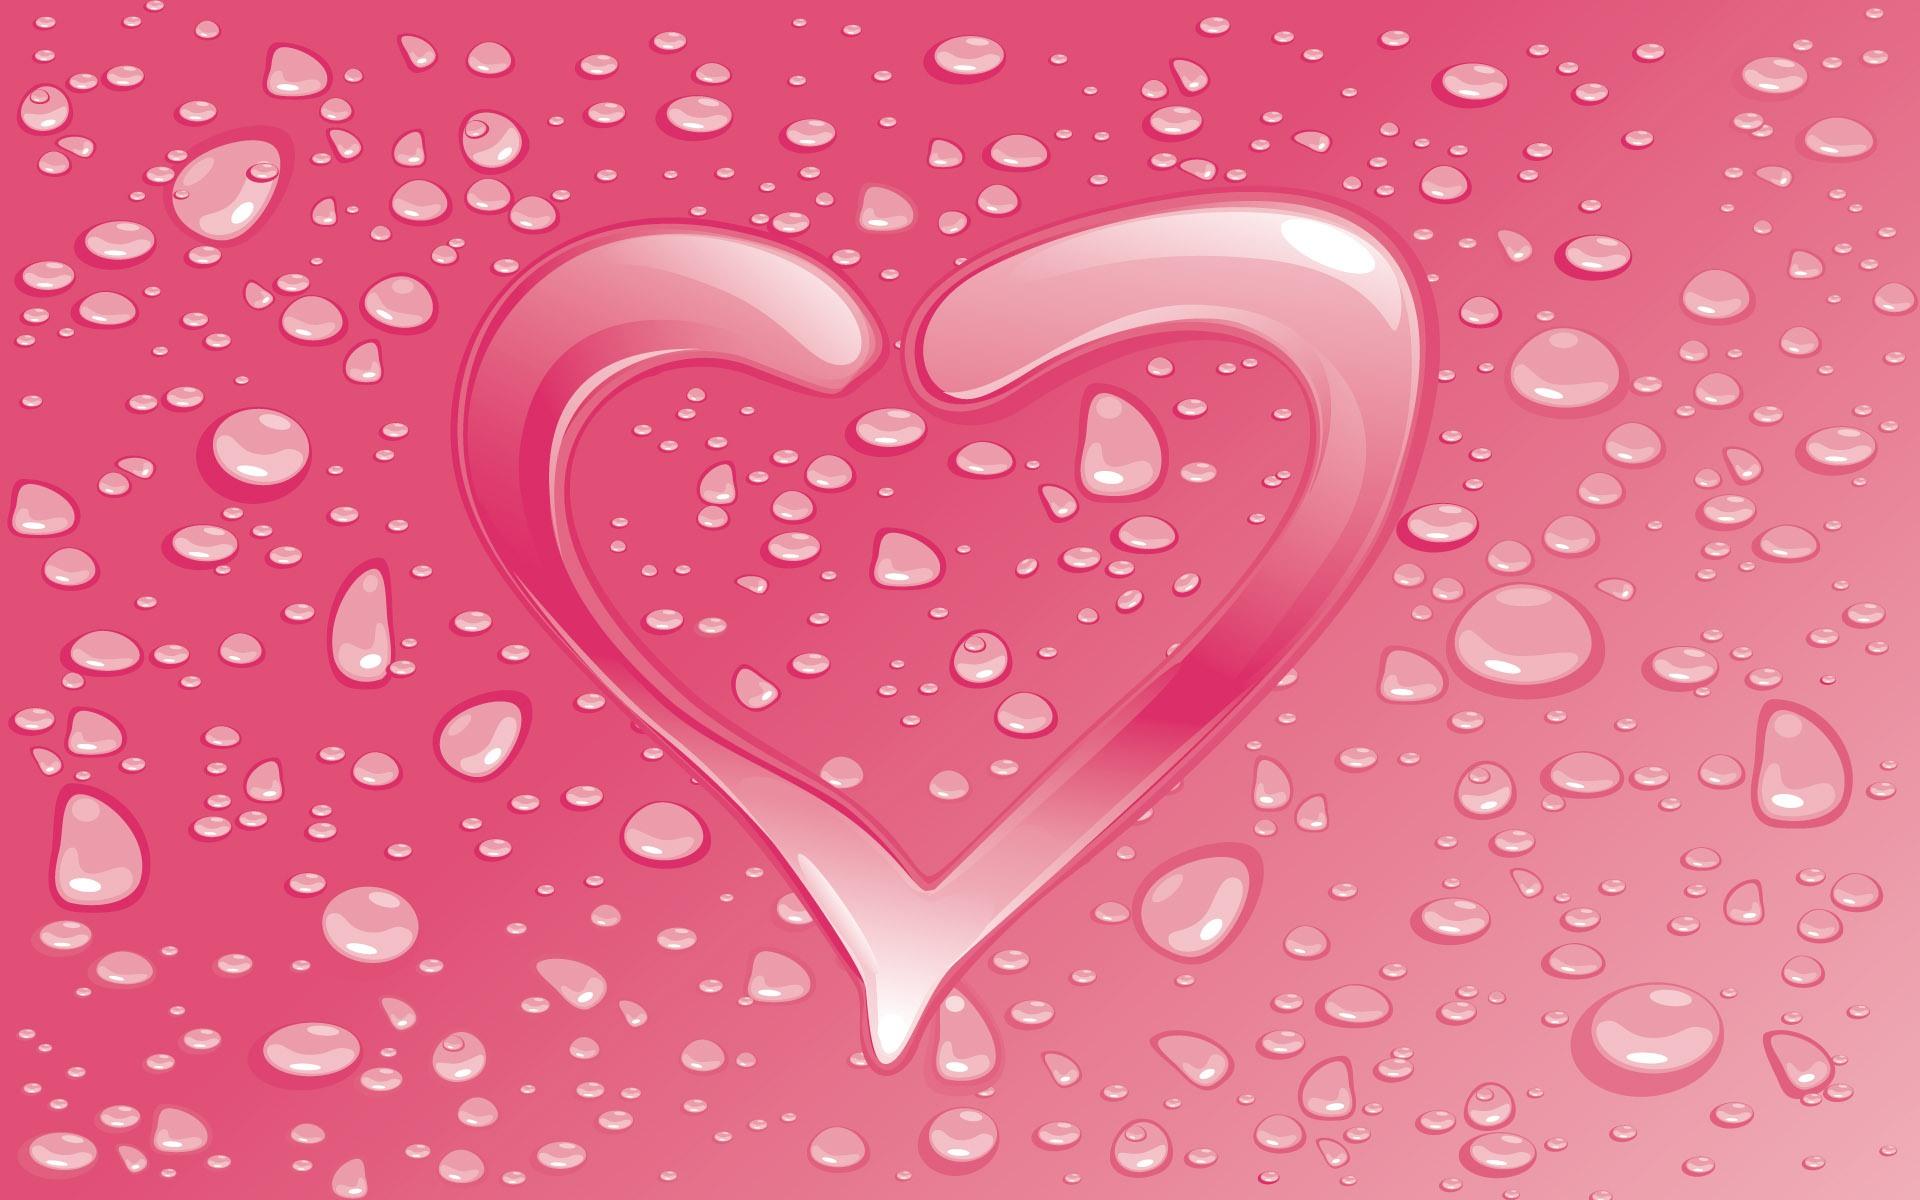 Valentine Desktop Backgrounds - WallpaperSafari